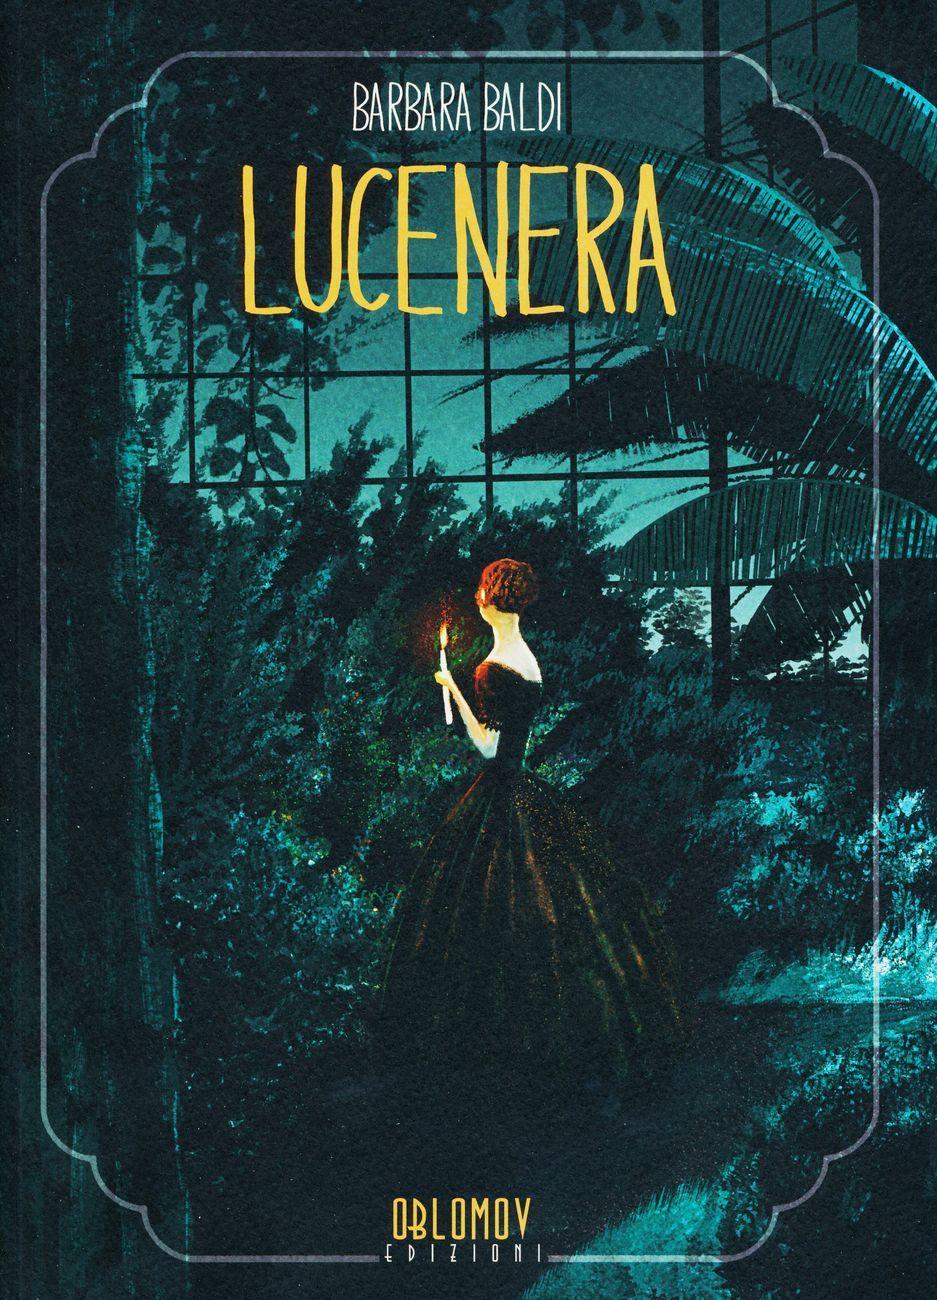 Barbara Baldi – Lucenera (Oblomov Edizioni, Quartu Sant'Elena 2017). Cover